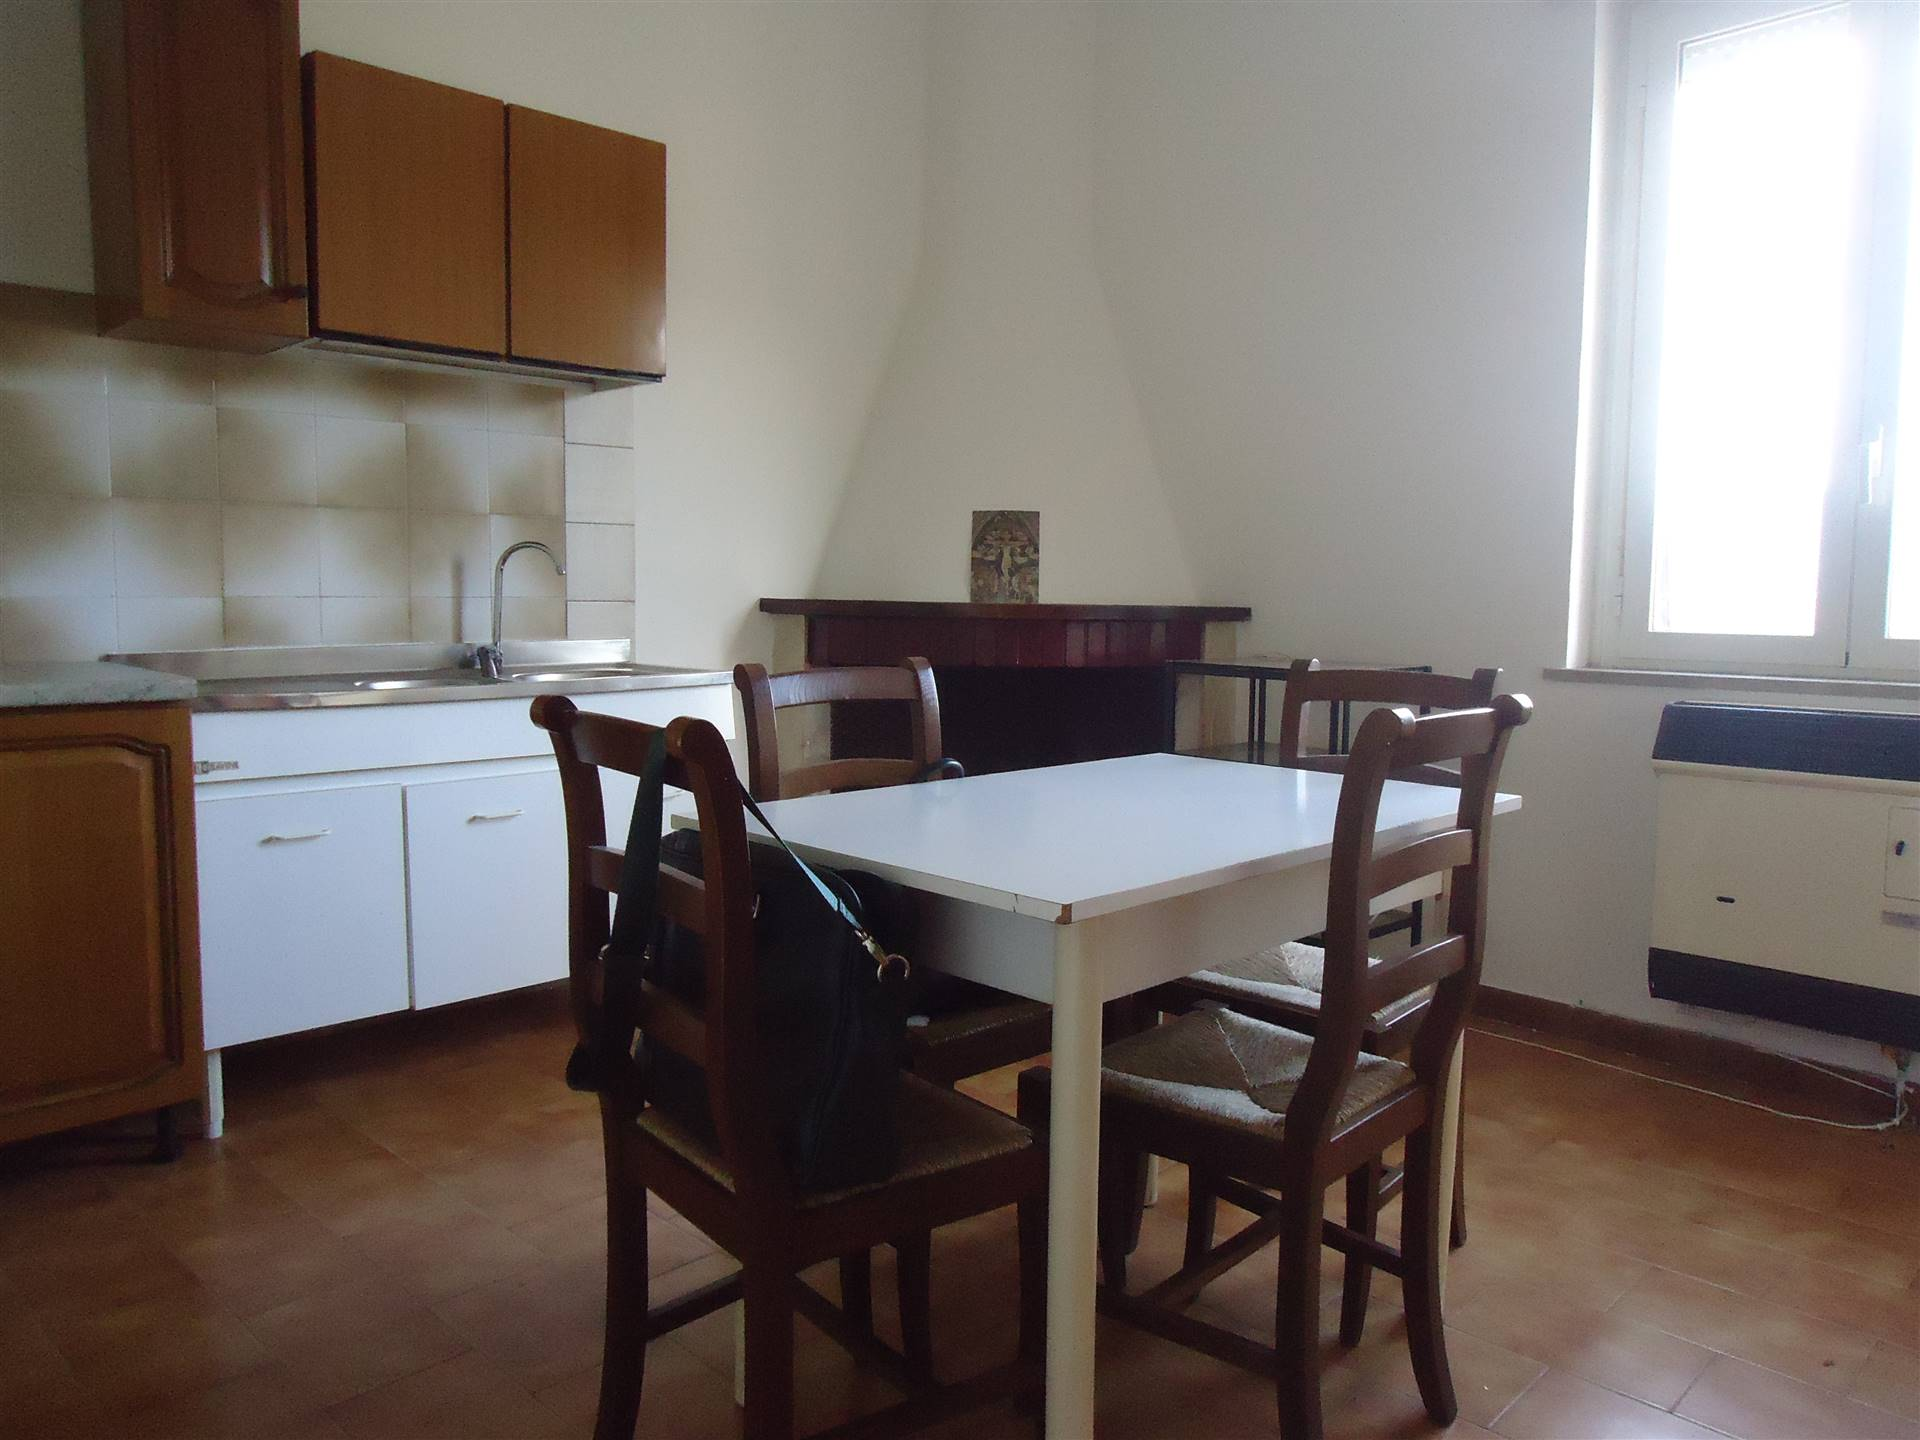 Appartamento in affitto a Arrone, 2 locali, zona Zona: Casteldilago, prezzo € 250 | CambioCasa.it